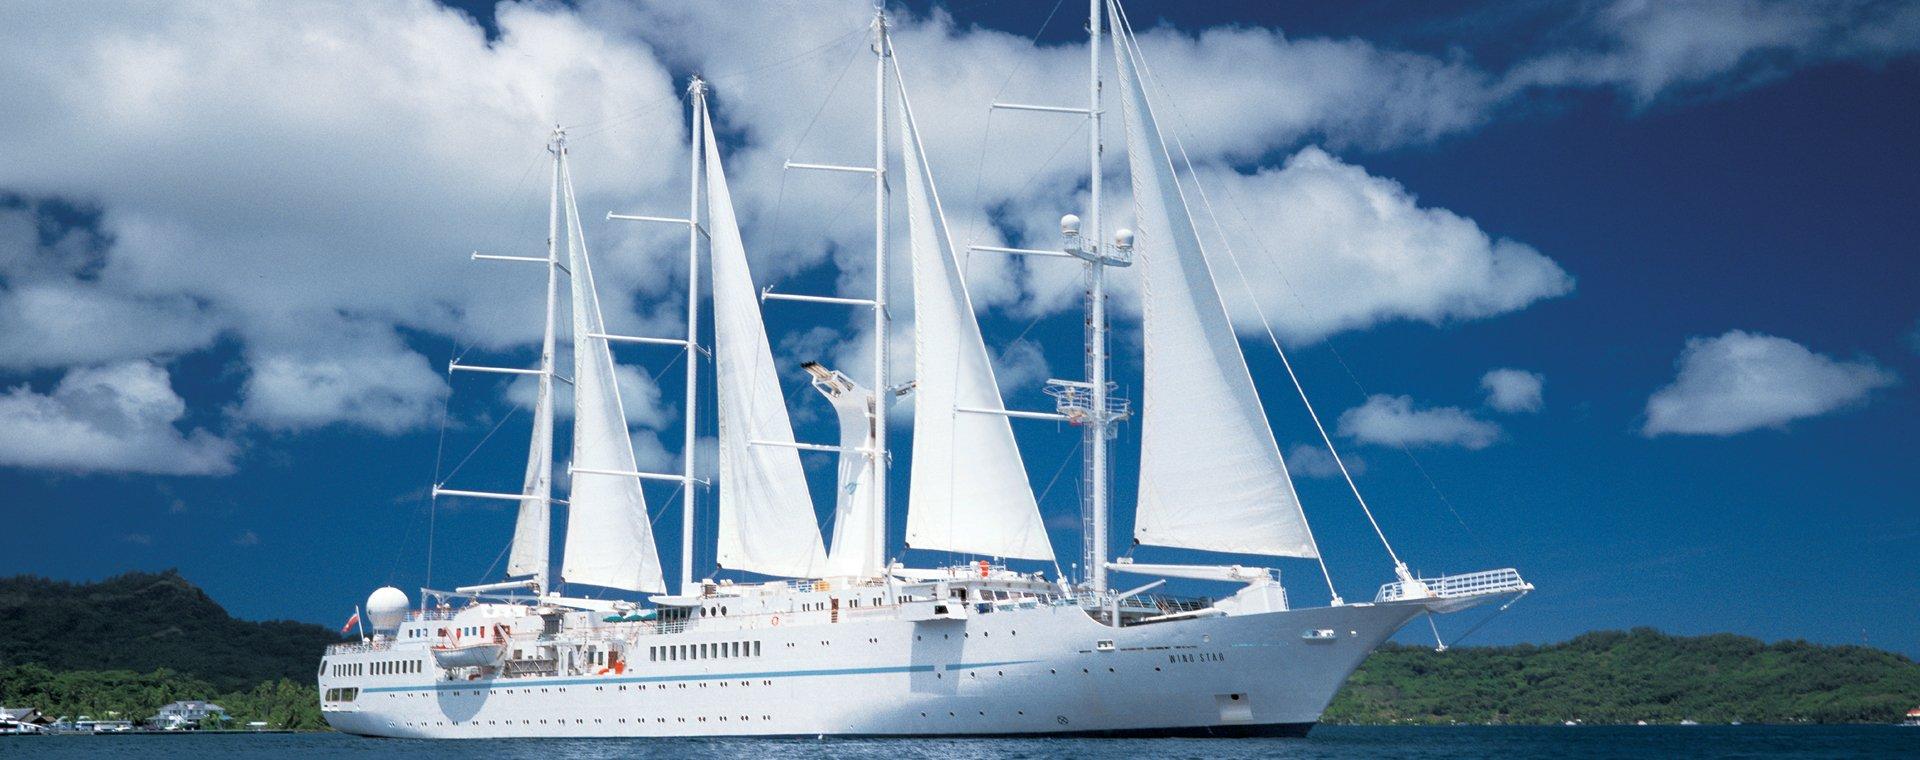 Solo sailing panama canal